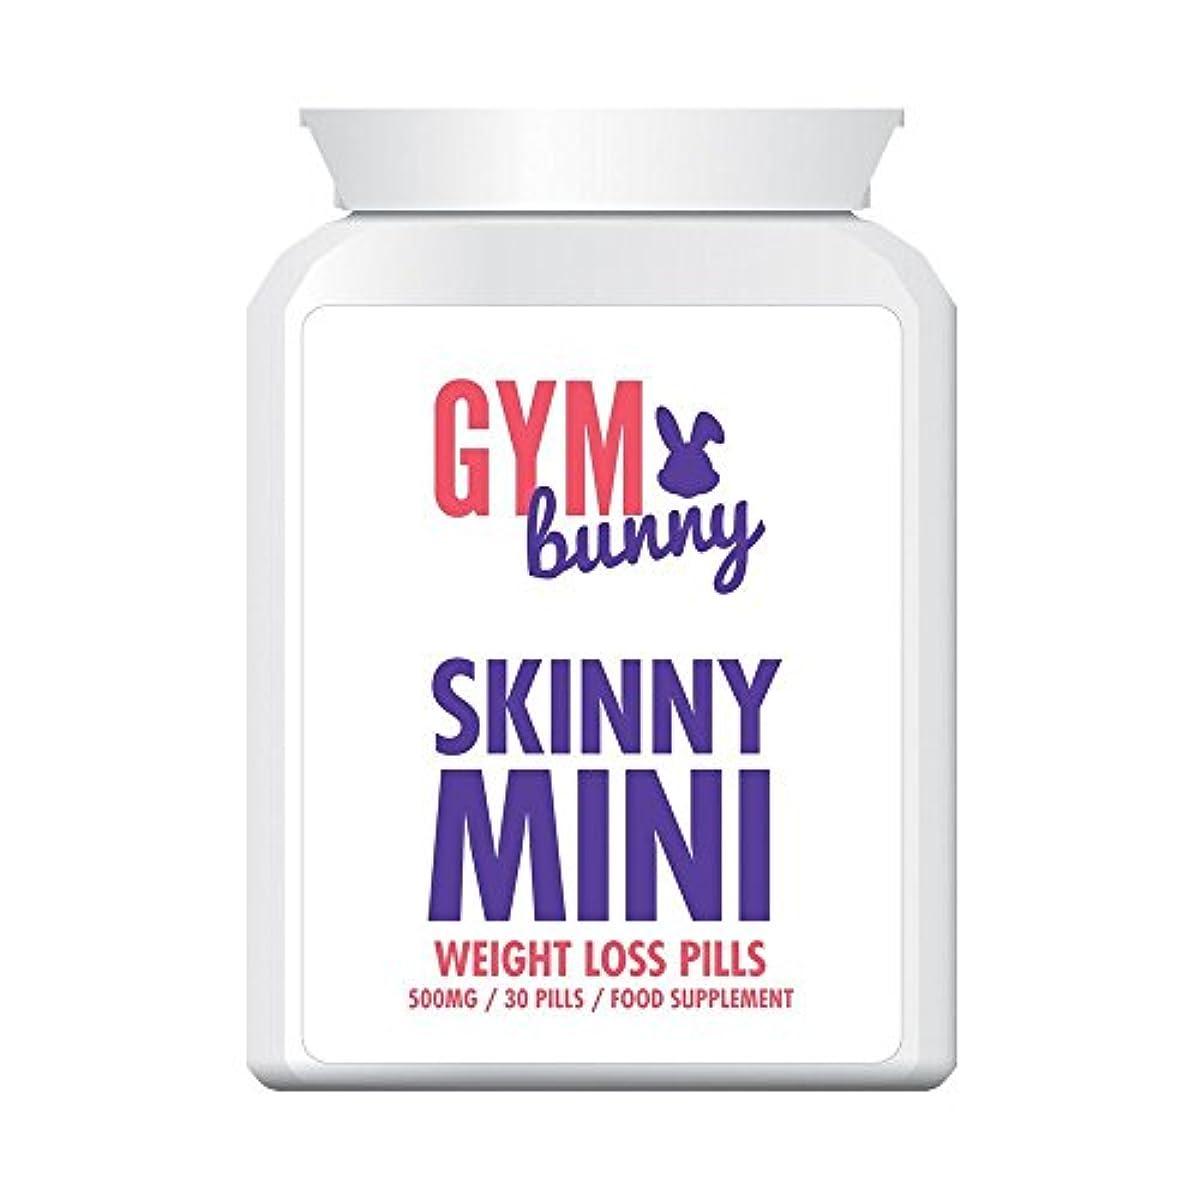 スイングバリケード割合GYM BUNNY SKINNY MINI WEIGHT LOSS PILLS減量の丸薬 - ダイエット錠剤は、体重、体脂肪がFAST LOSE Jimu BUNNY SKINNY mini genryō no gan'yaku...